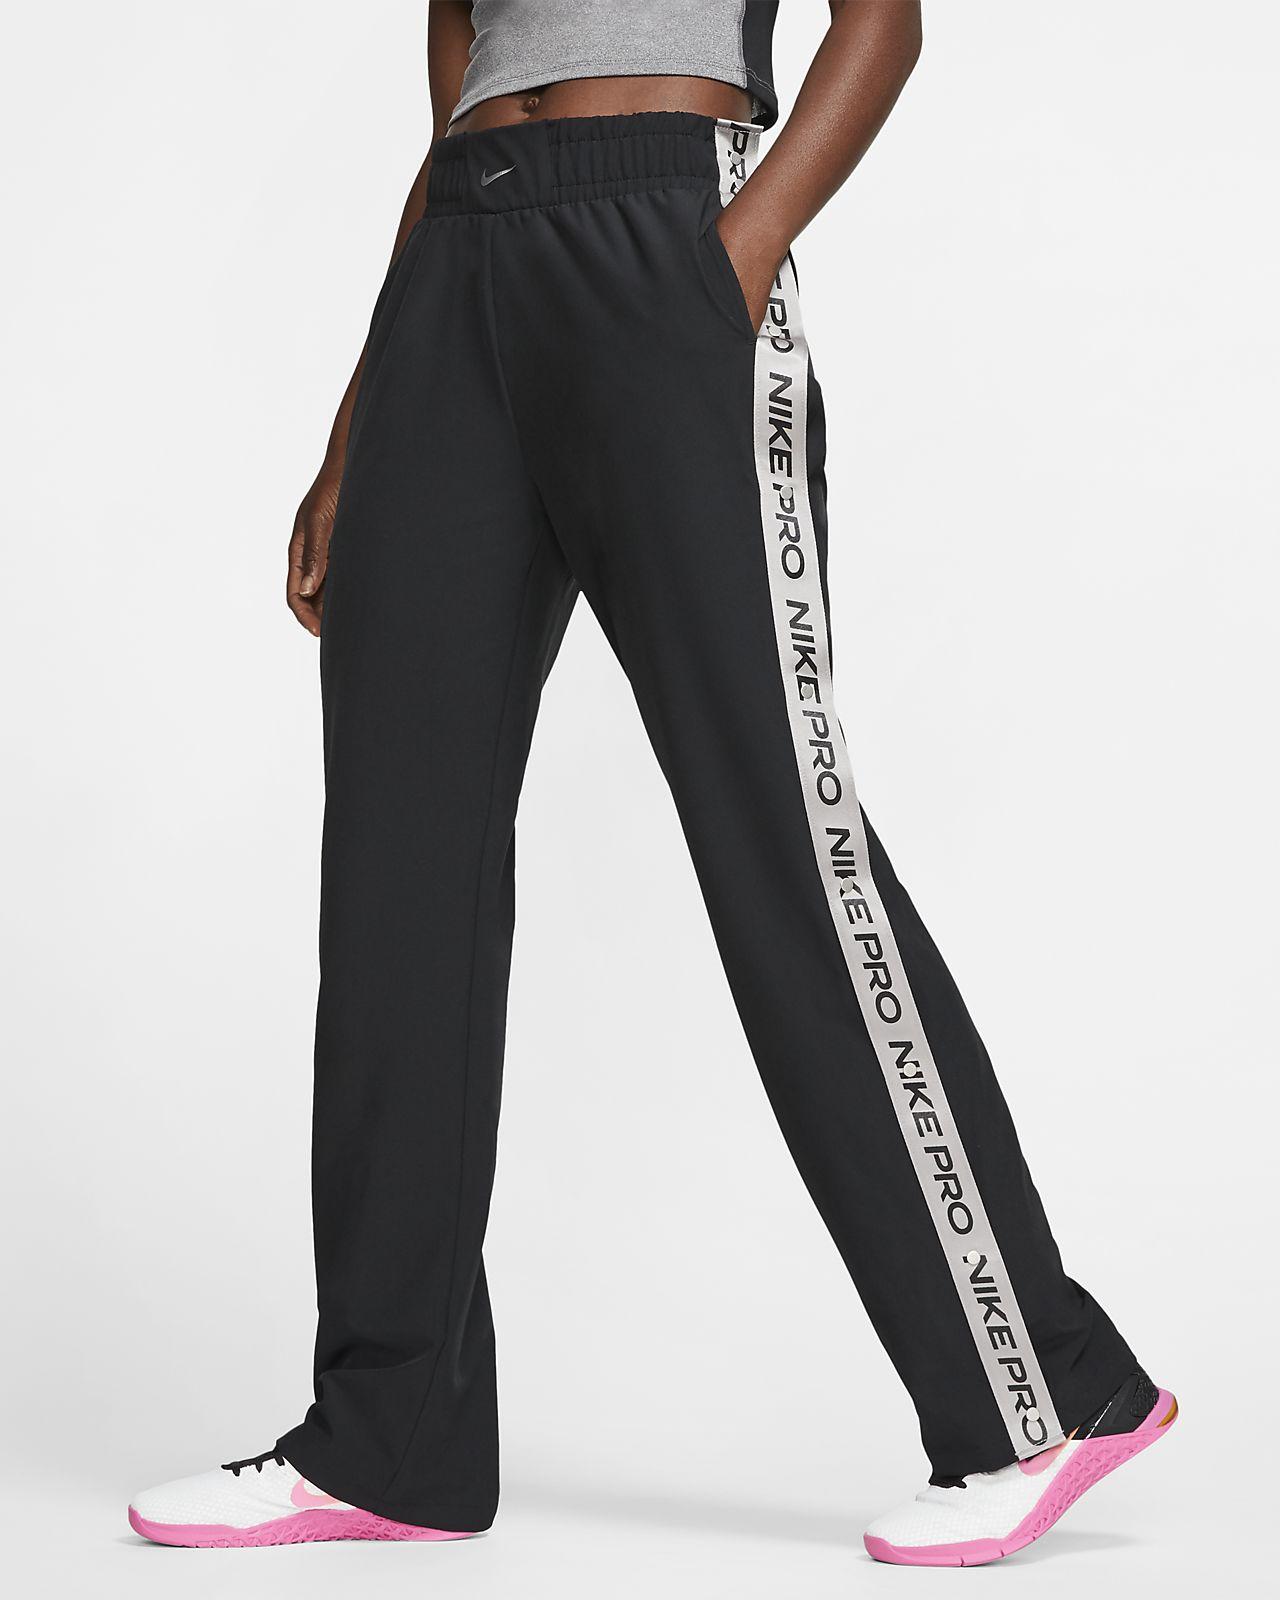 Γυναικείο παντελόνι με κούμπωμα με σούστες Nike Pro